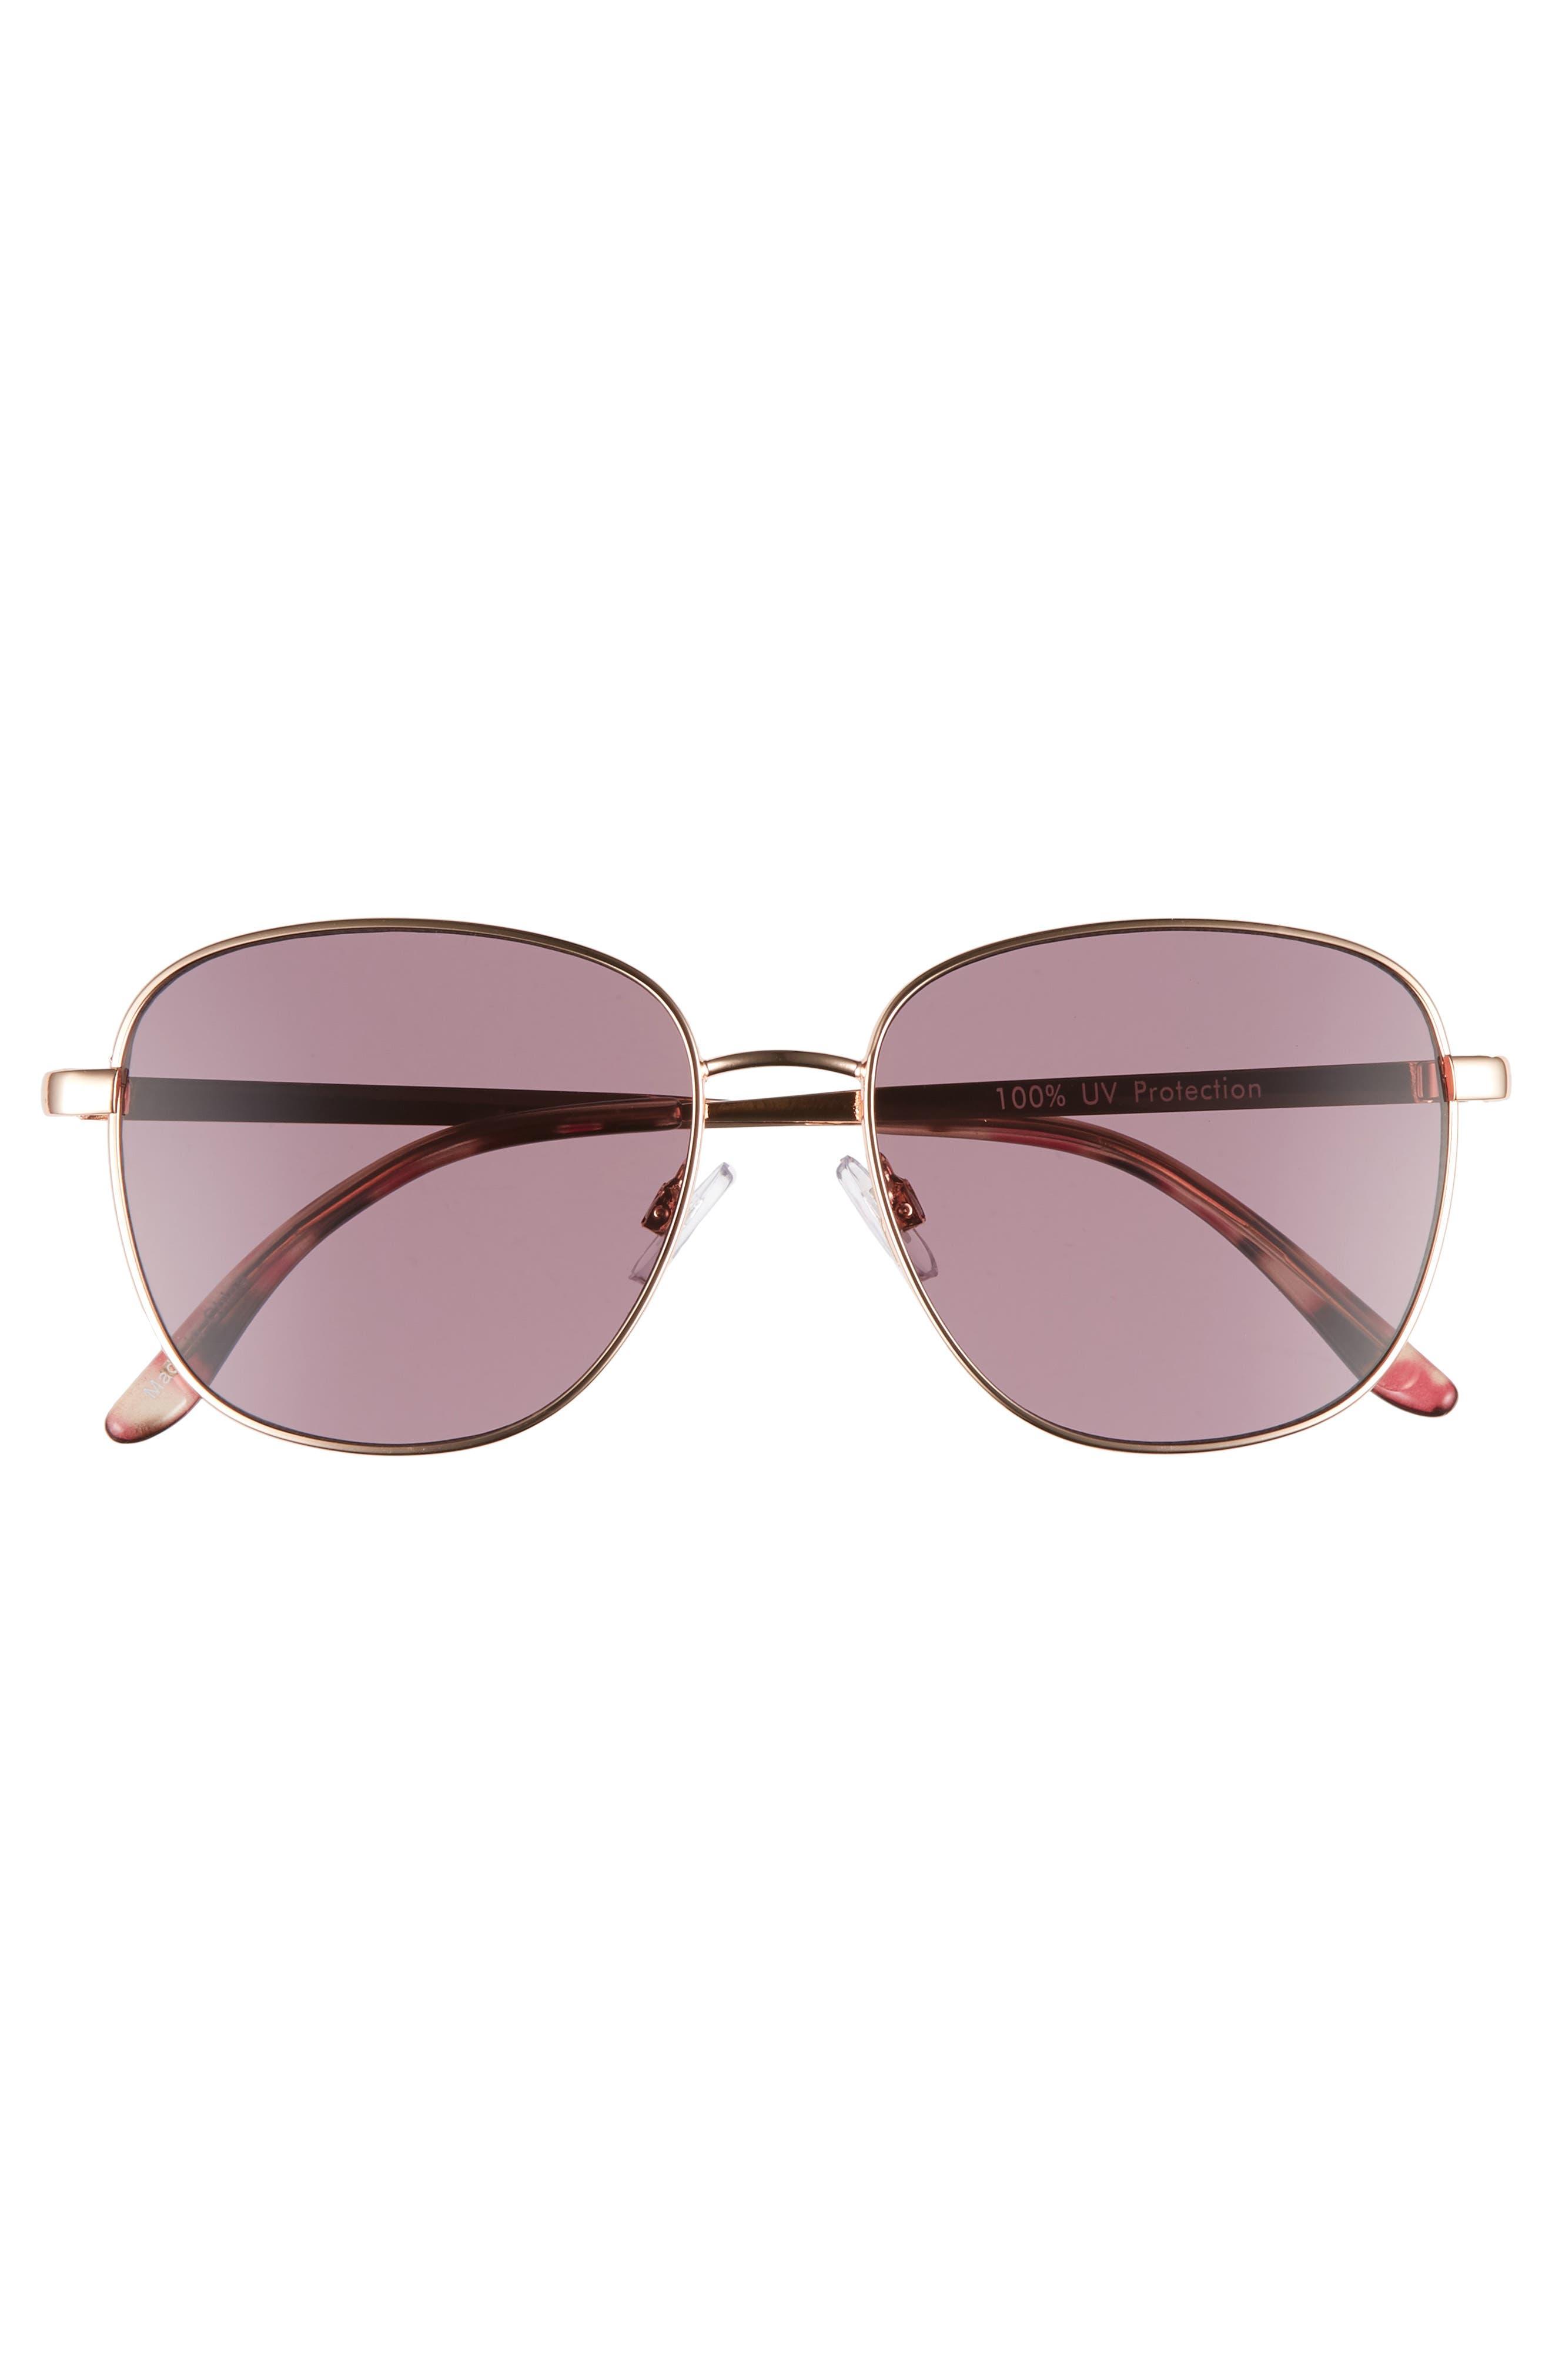 53mm Square Sunglasses,                             Alternate thumbnail 3, color,                             ROSE GOLD/ PURPLE